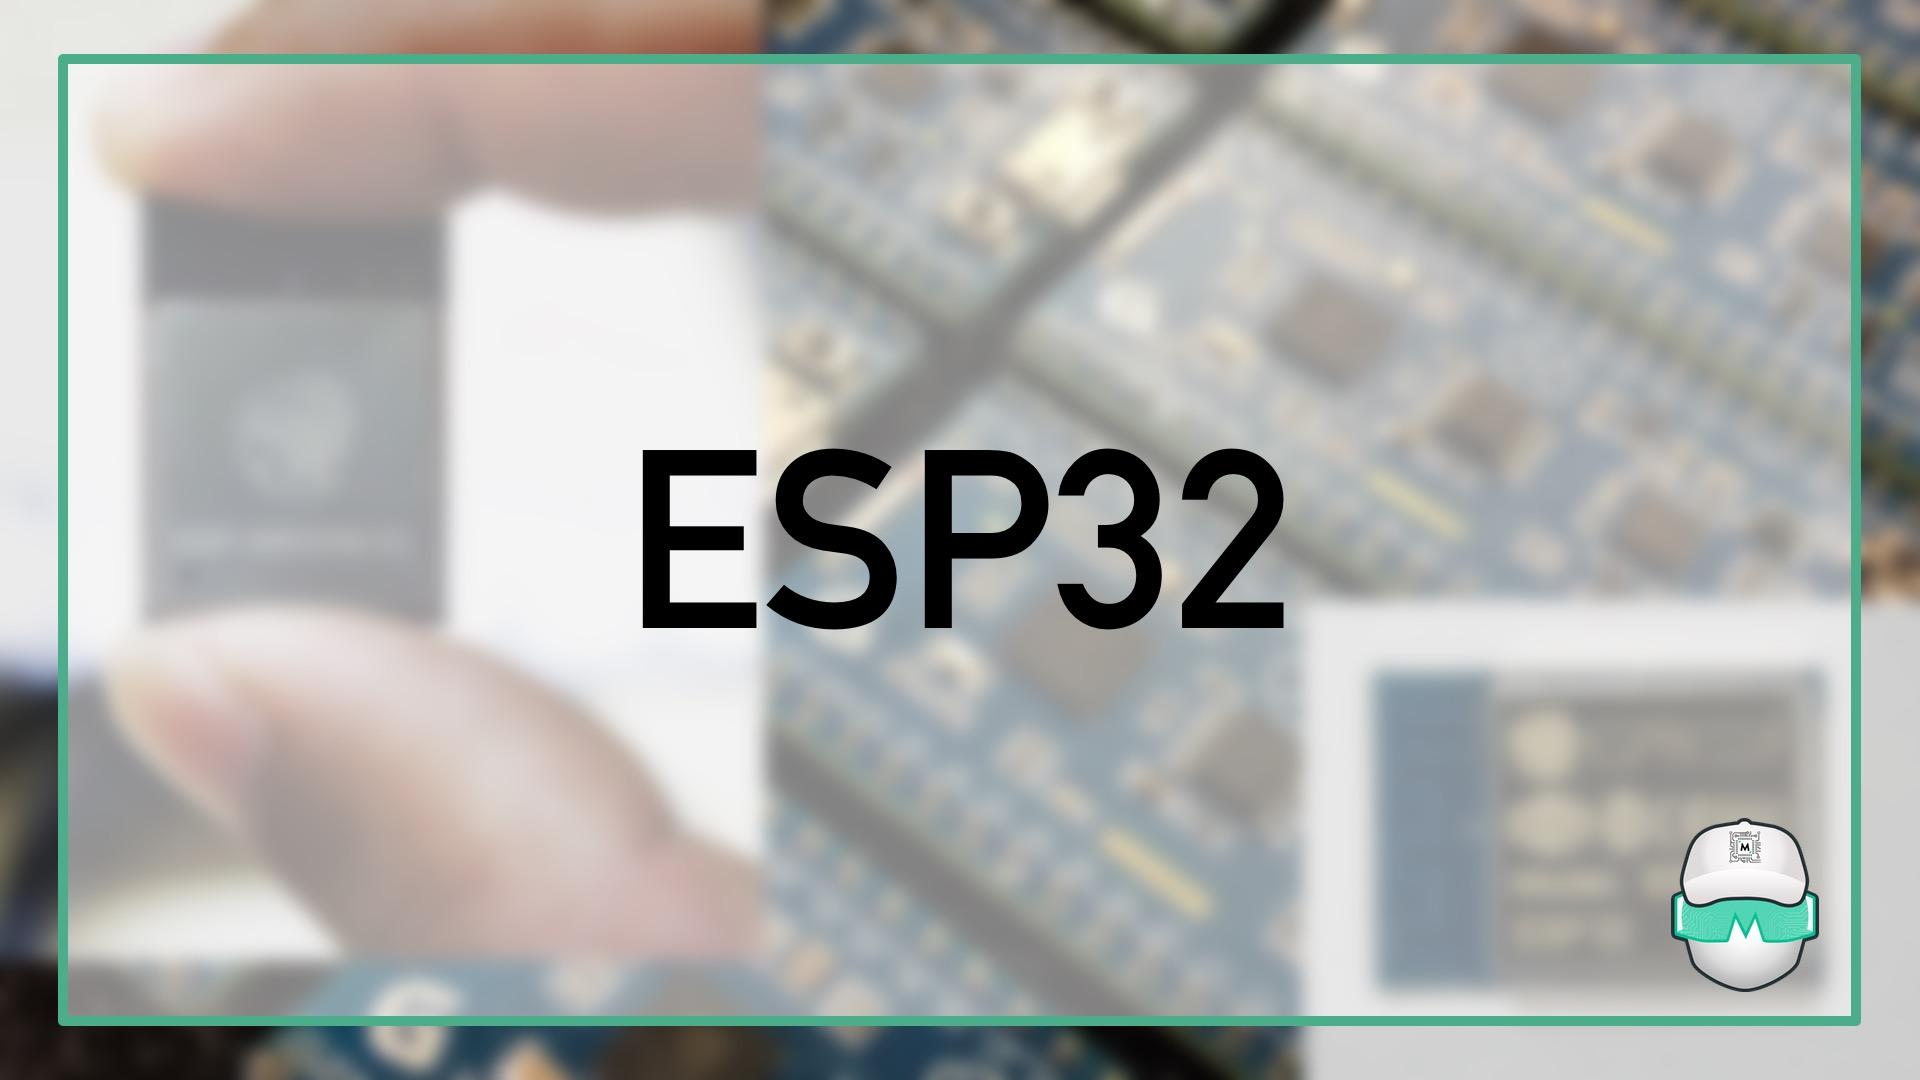 ESP32, adik ESP8266 yang canggih, gampang dicari, namun sulit dibeli!